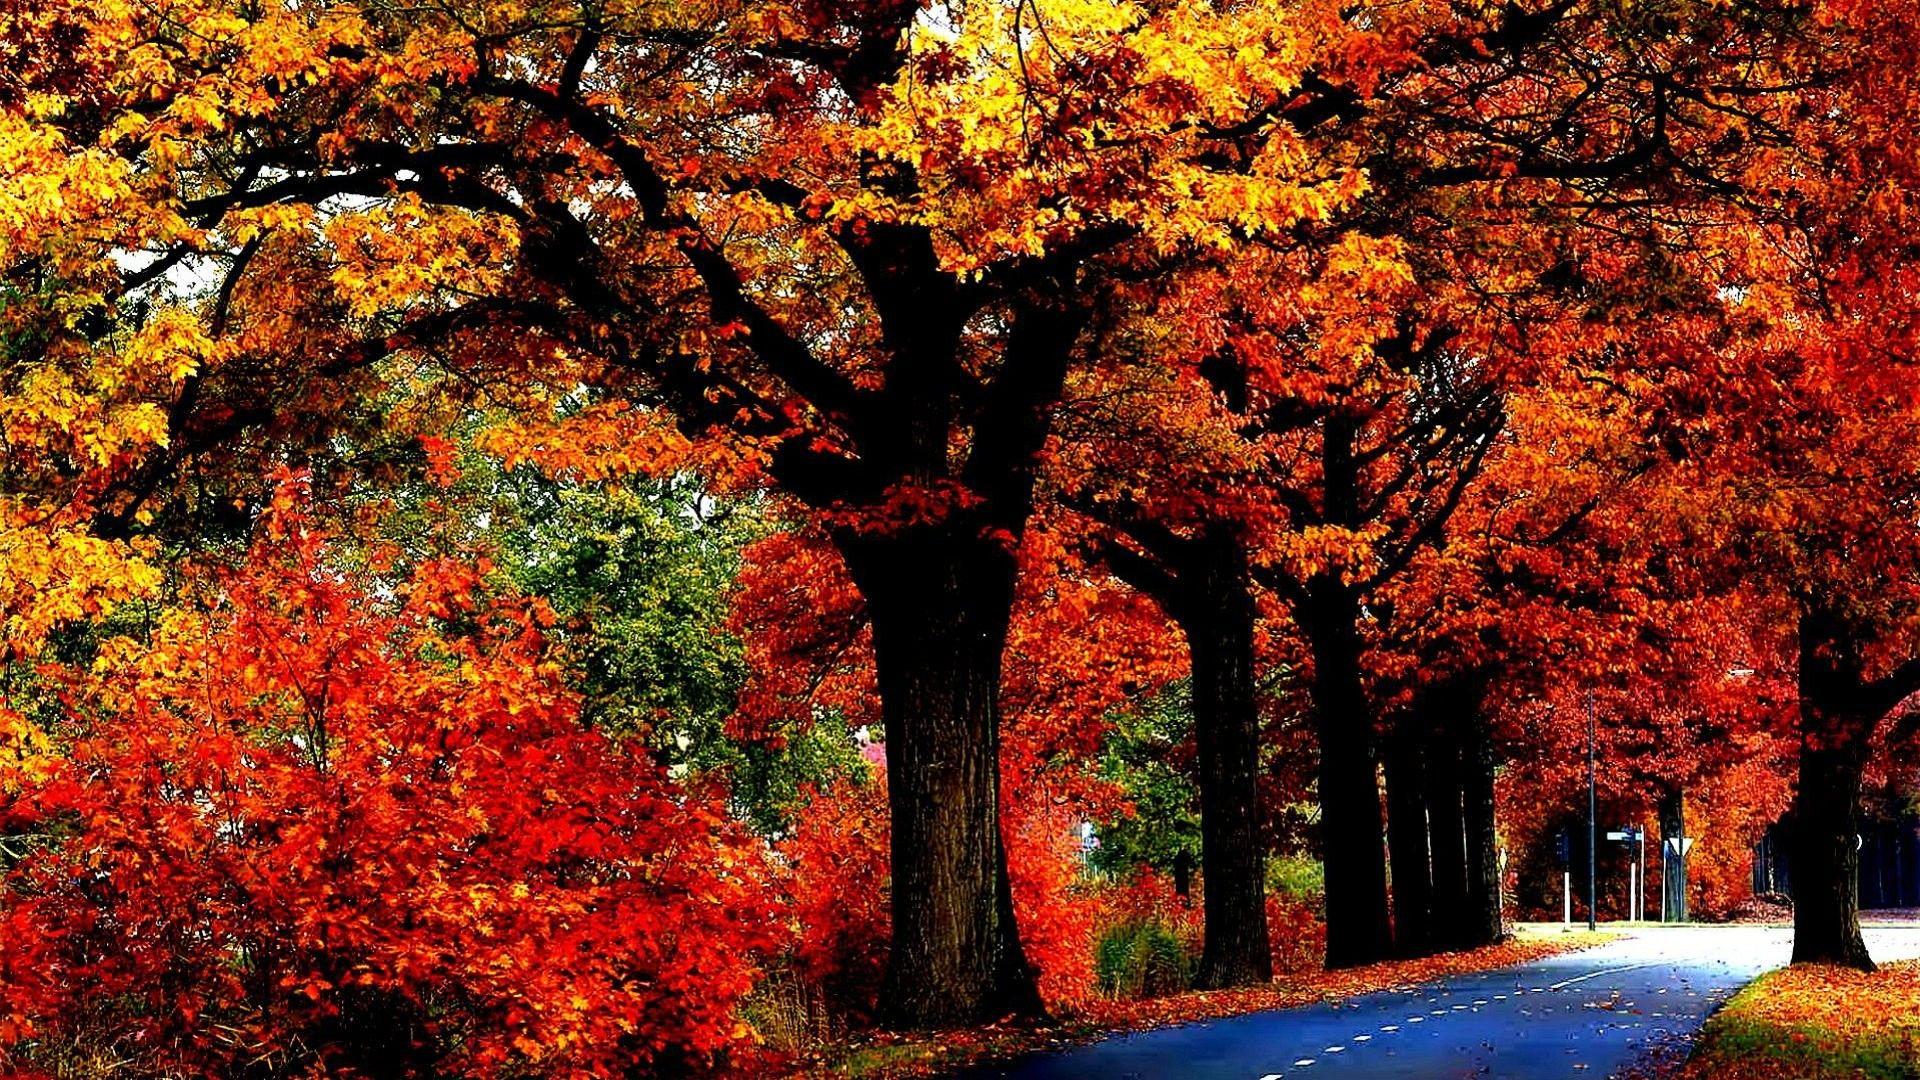 Fall Tree Autumn Nature Couleur Automne Couleur Automne